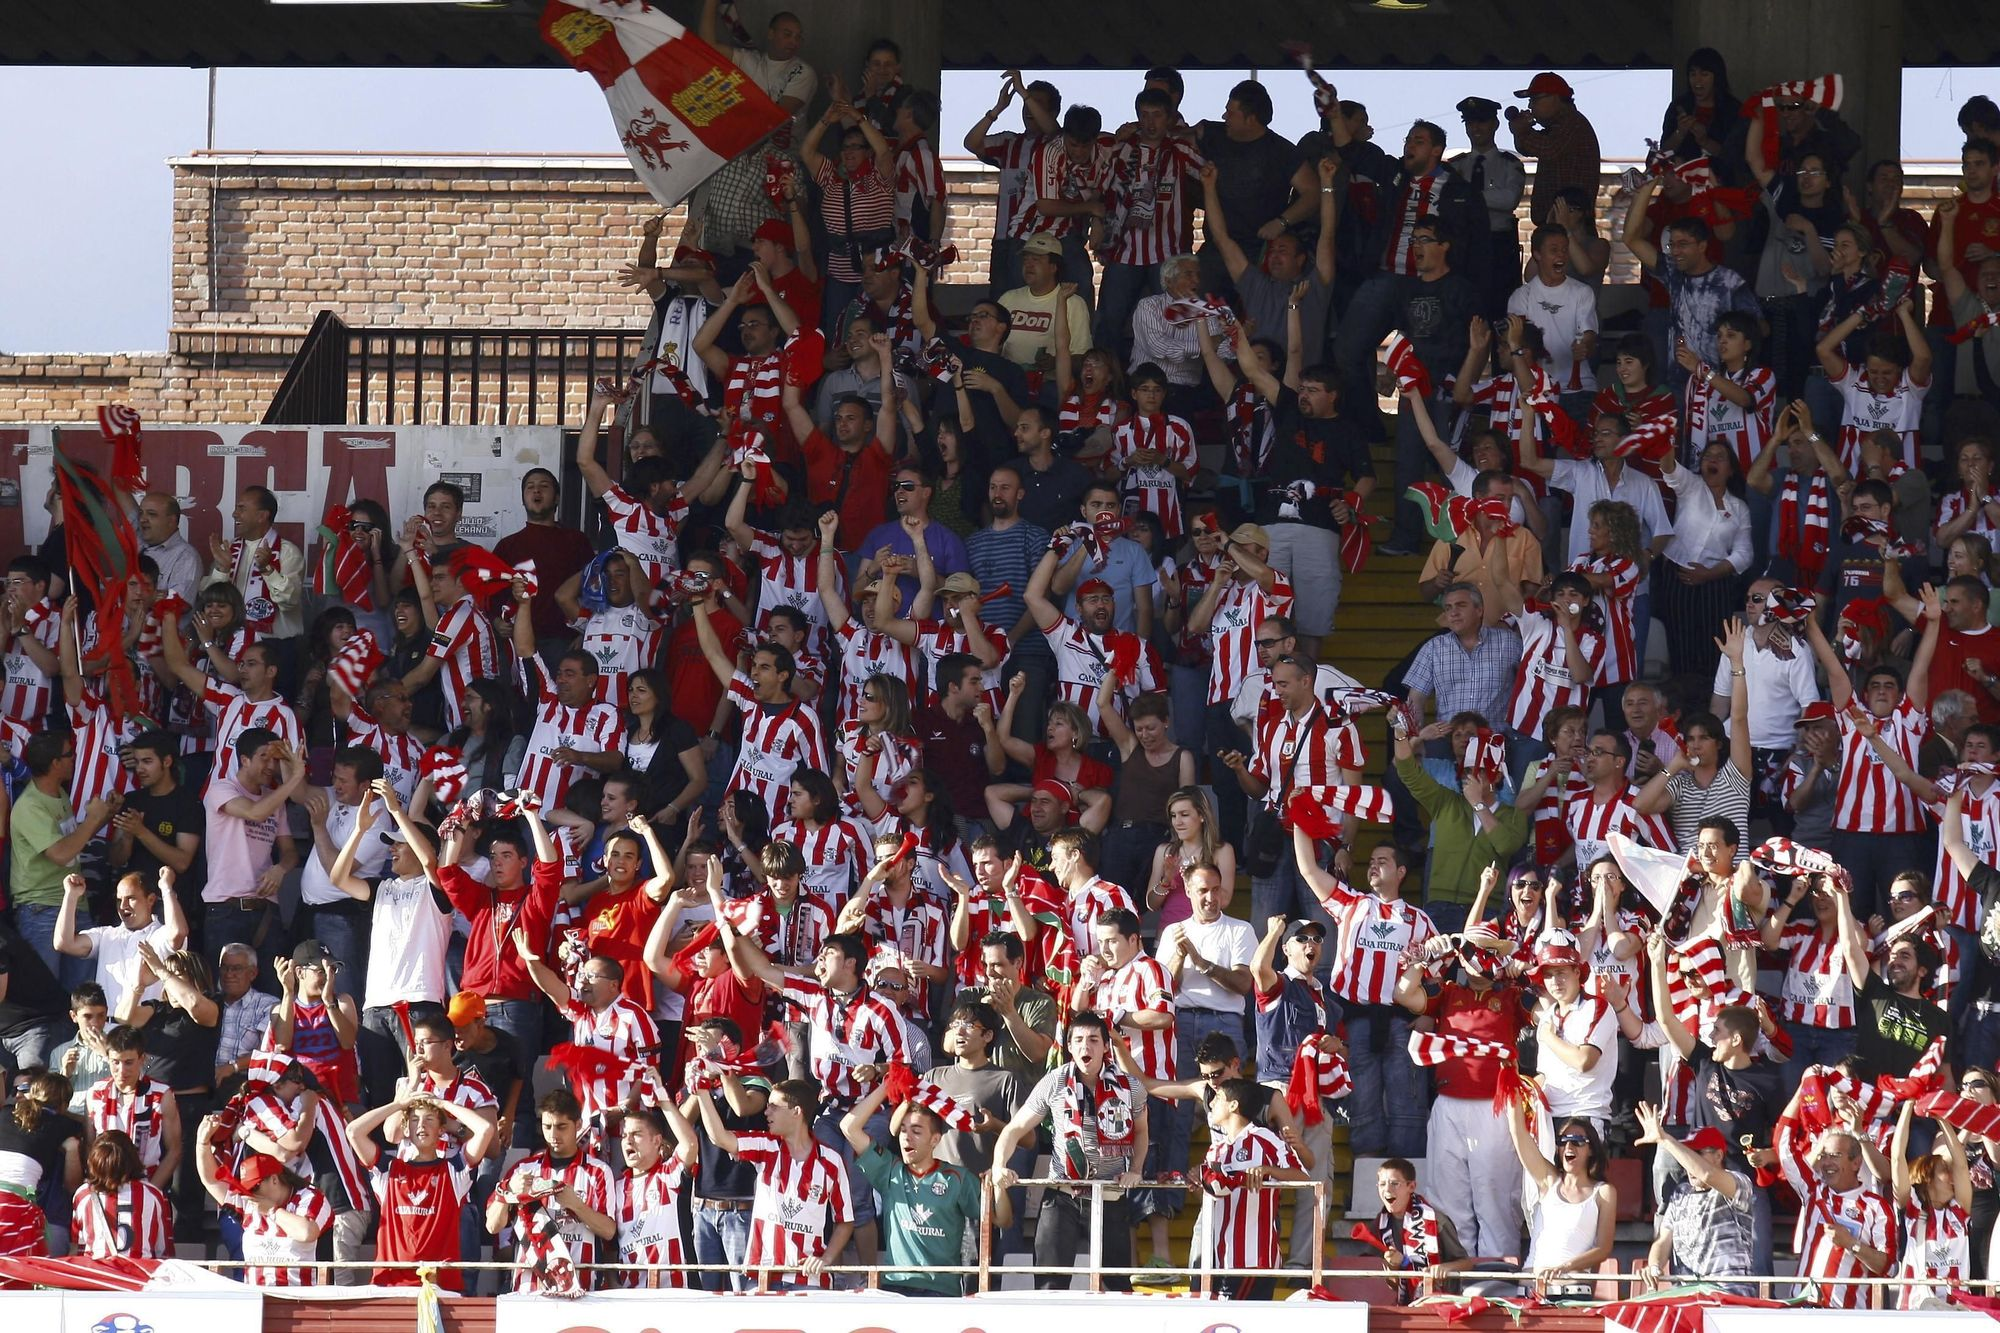 10. La afición del Zamora, durante el desplazamiento masivo a Vallecas para la final por el ascenso de la temporada 2007-2008.